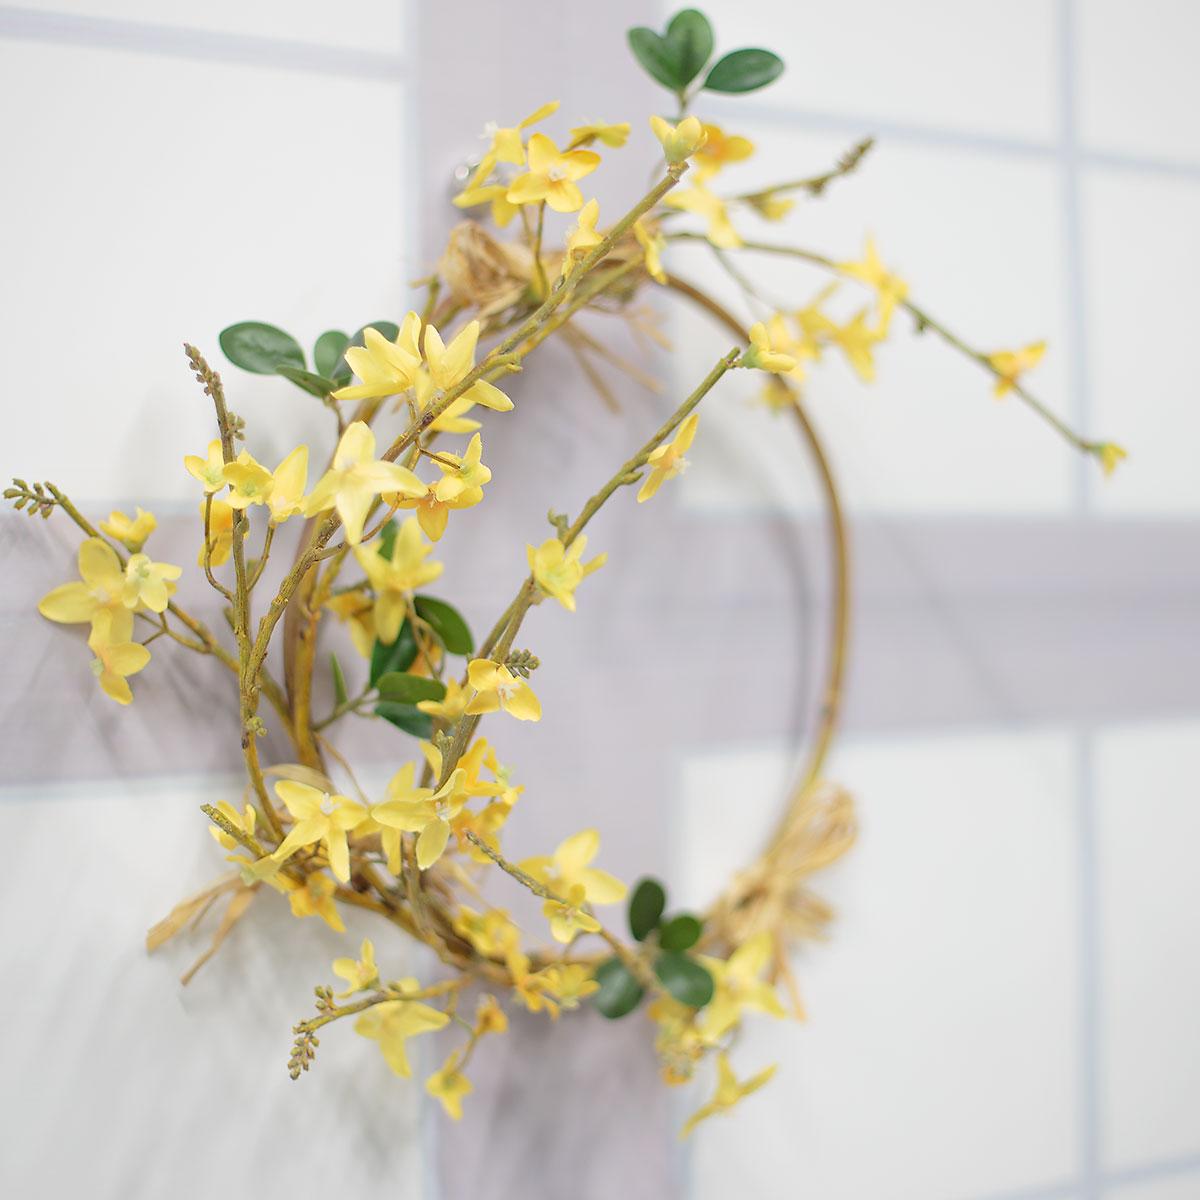 네추럴 봄 개나리 리스 기본사진